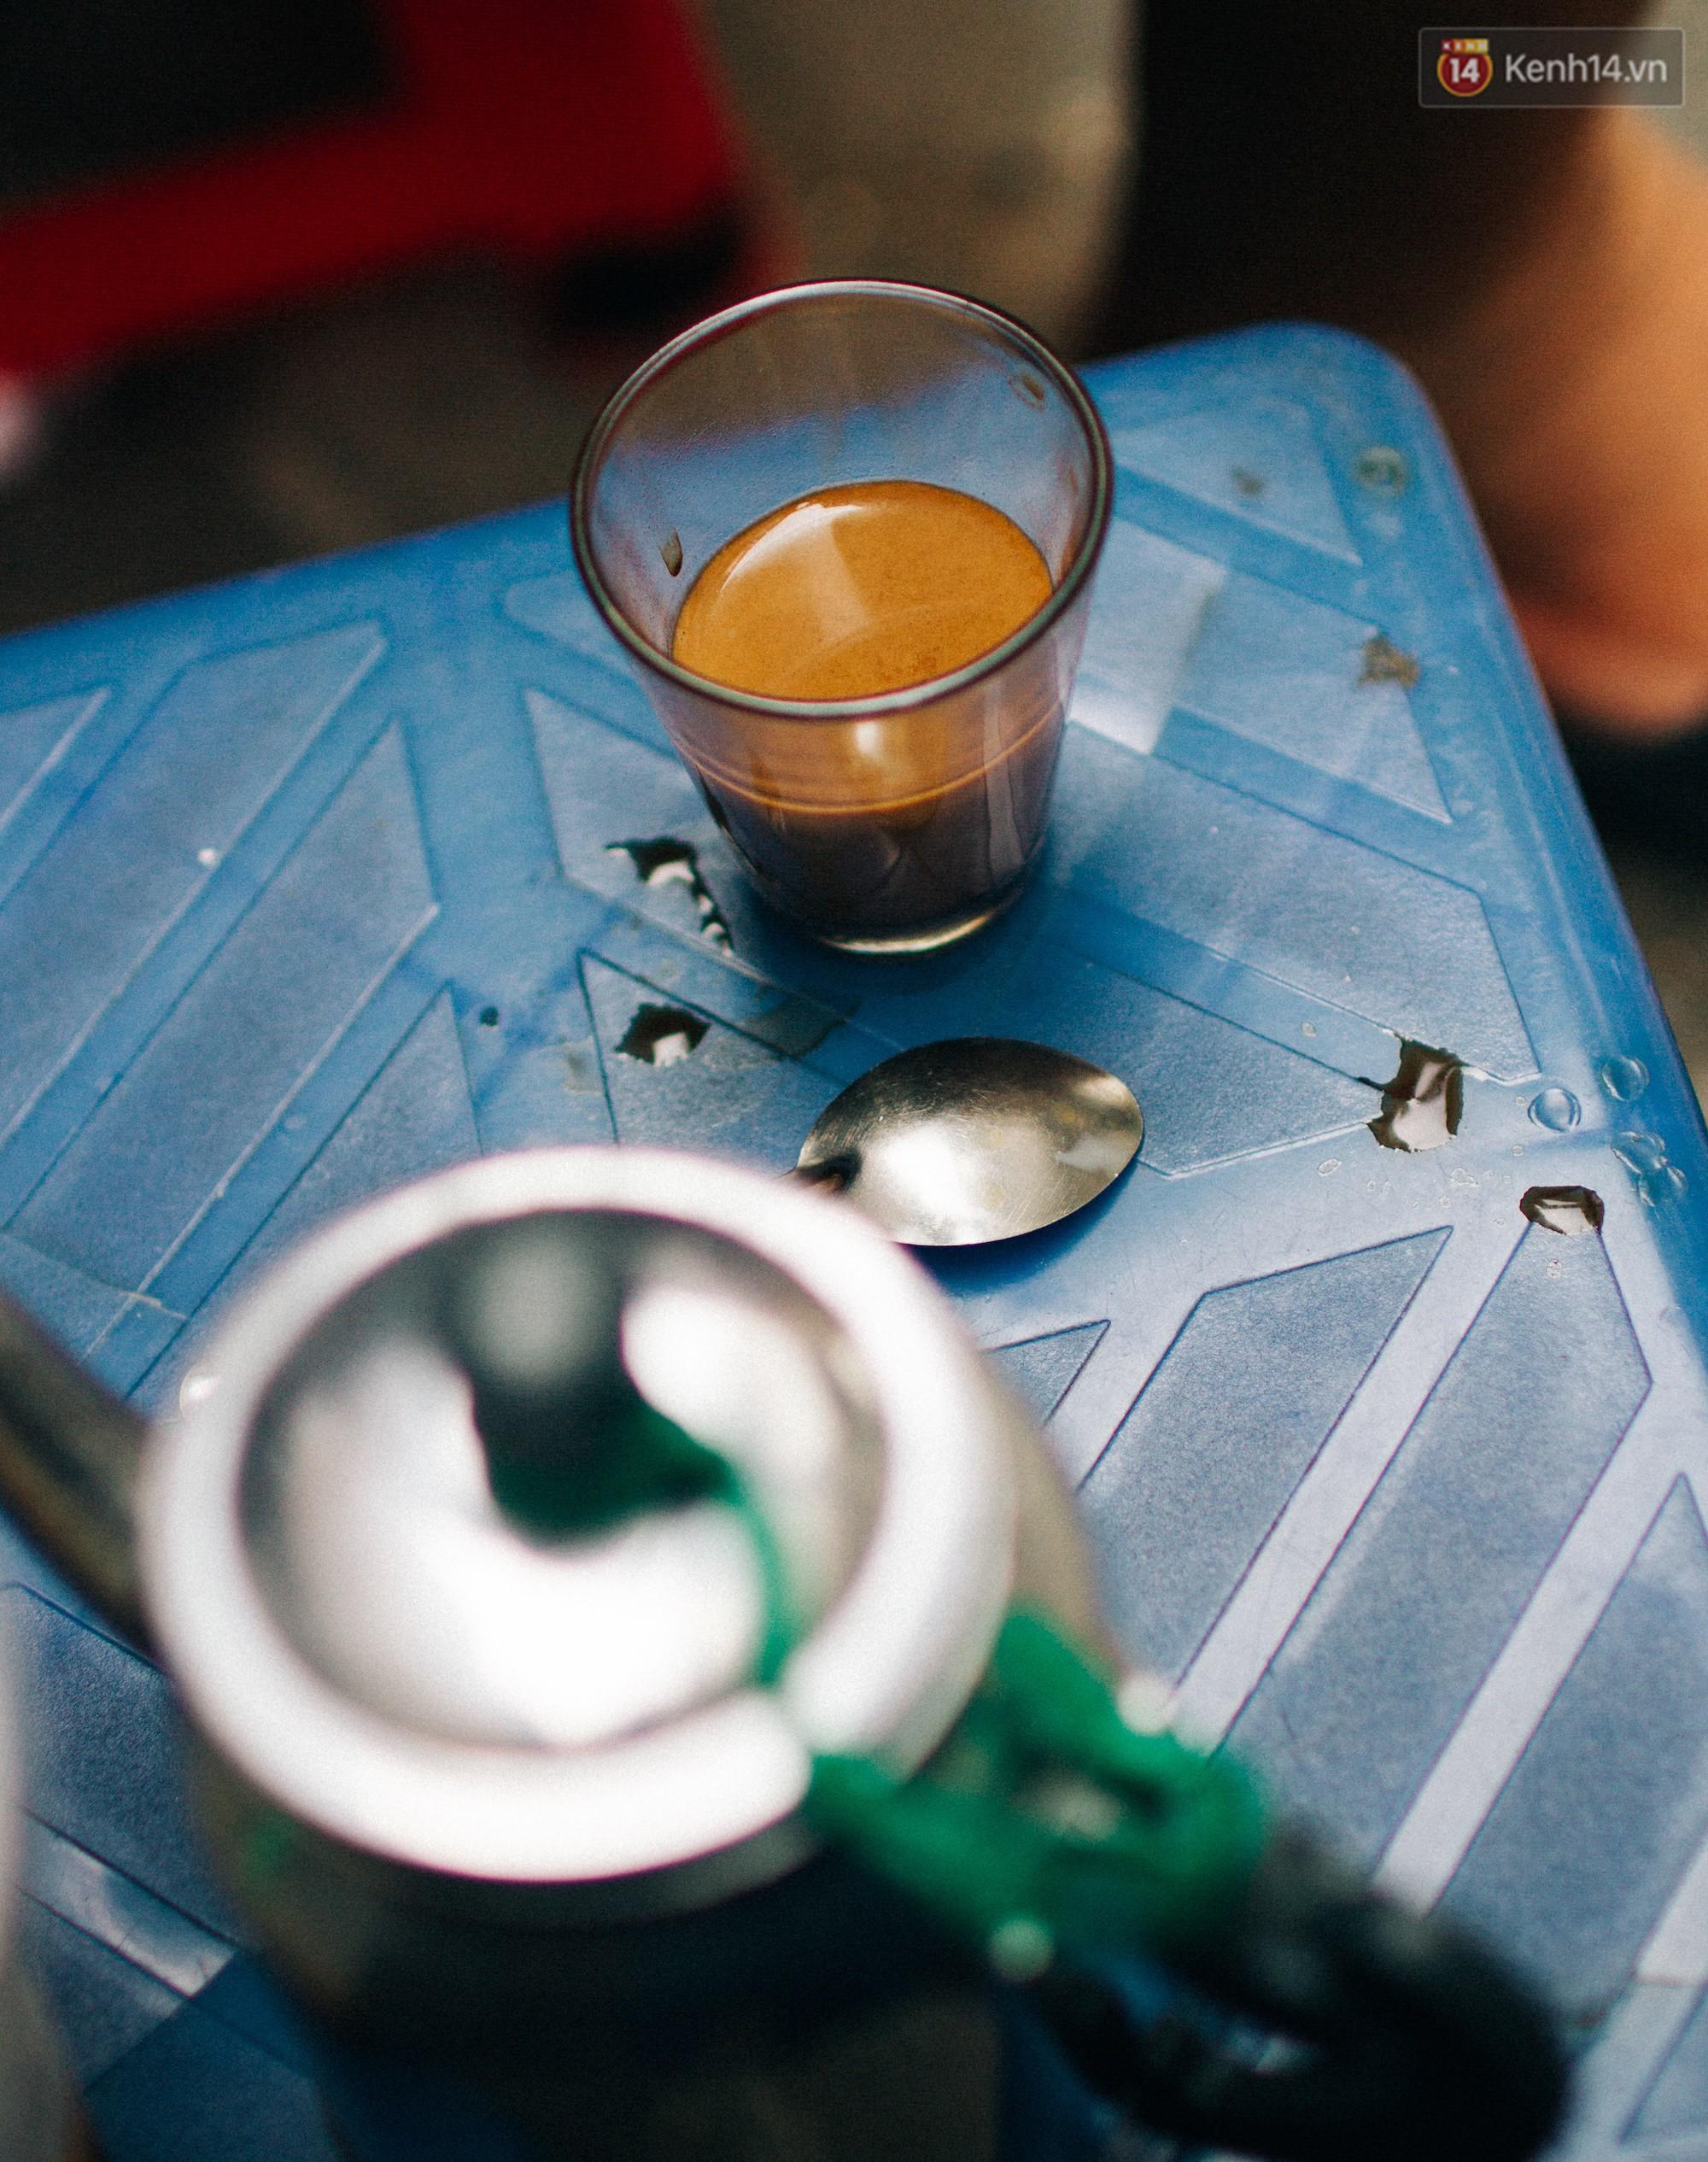 Chùm ảnh: Người Sài Gòn và thói quen uống cafe cóc từ lúc mặt trời chưa ló dạng cho đến chiều tà - Ảnh 10.